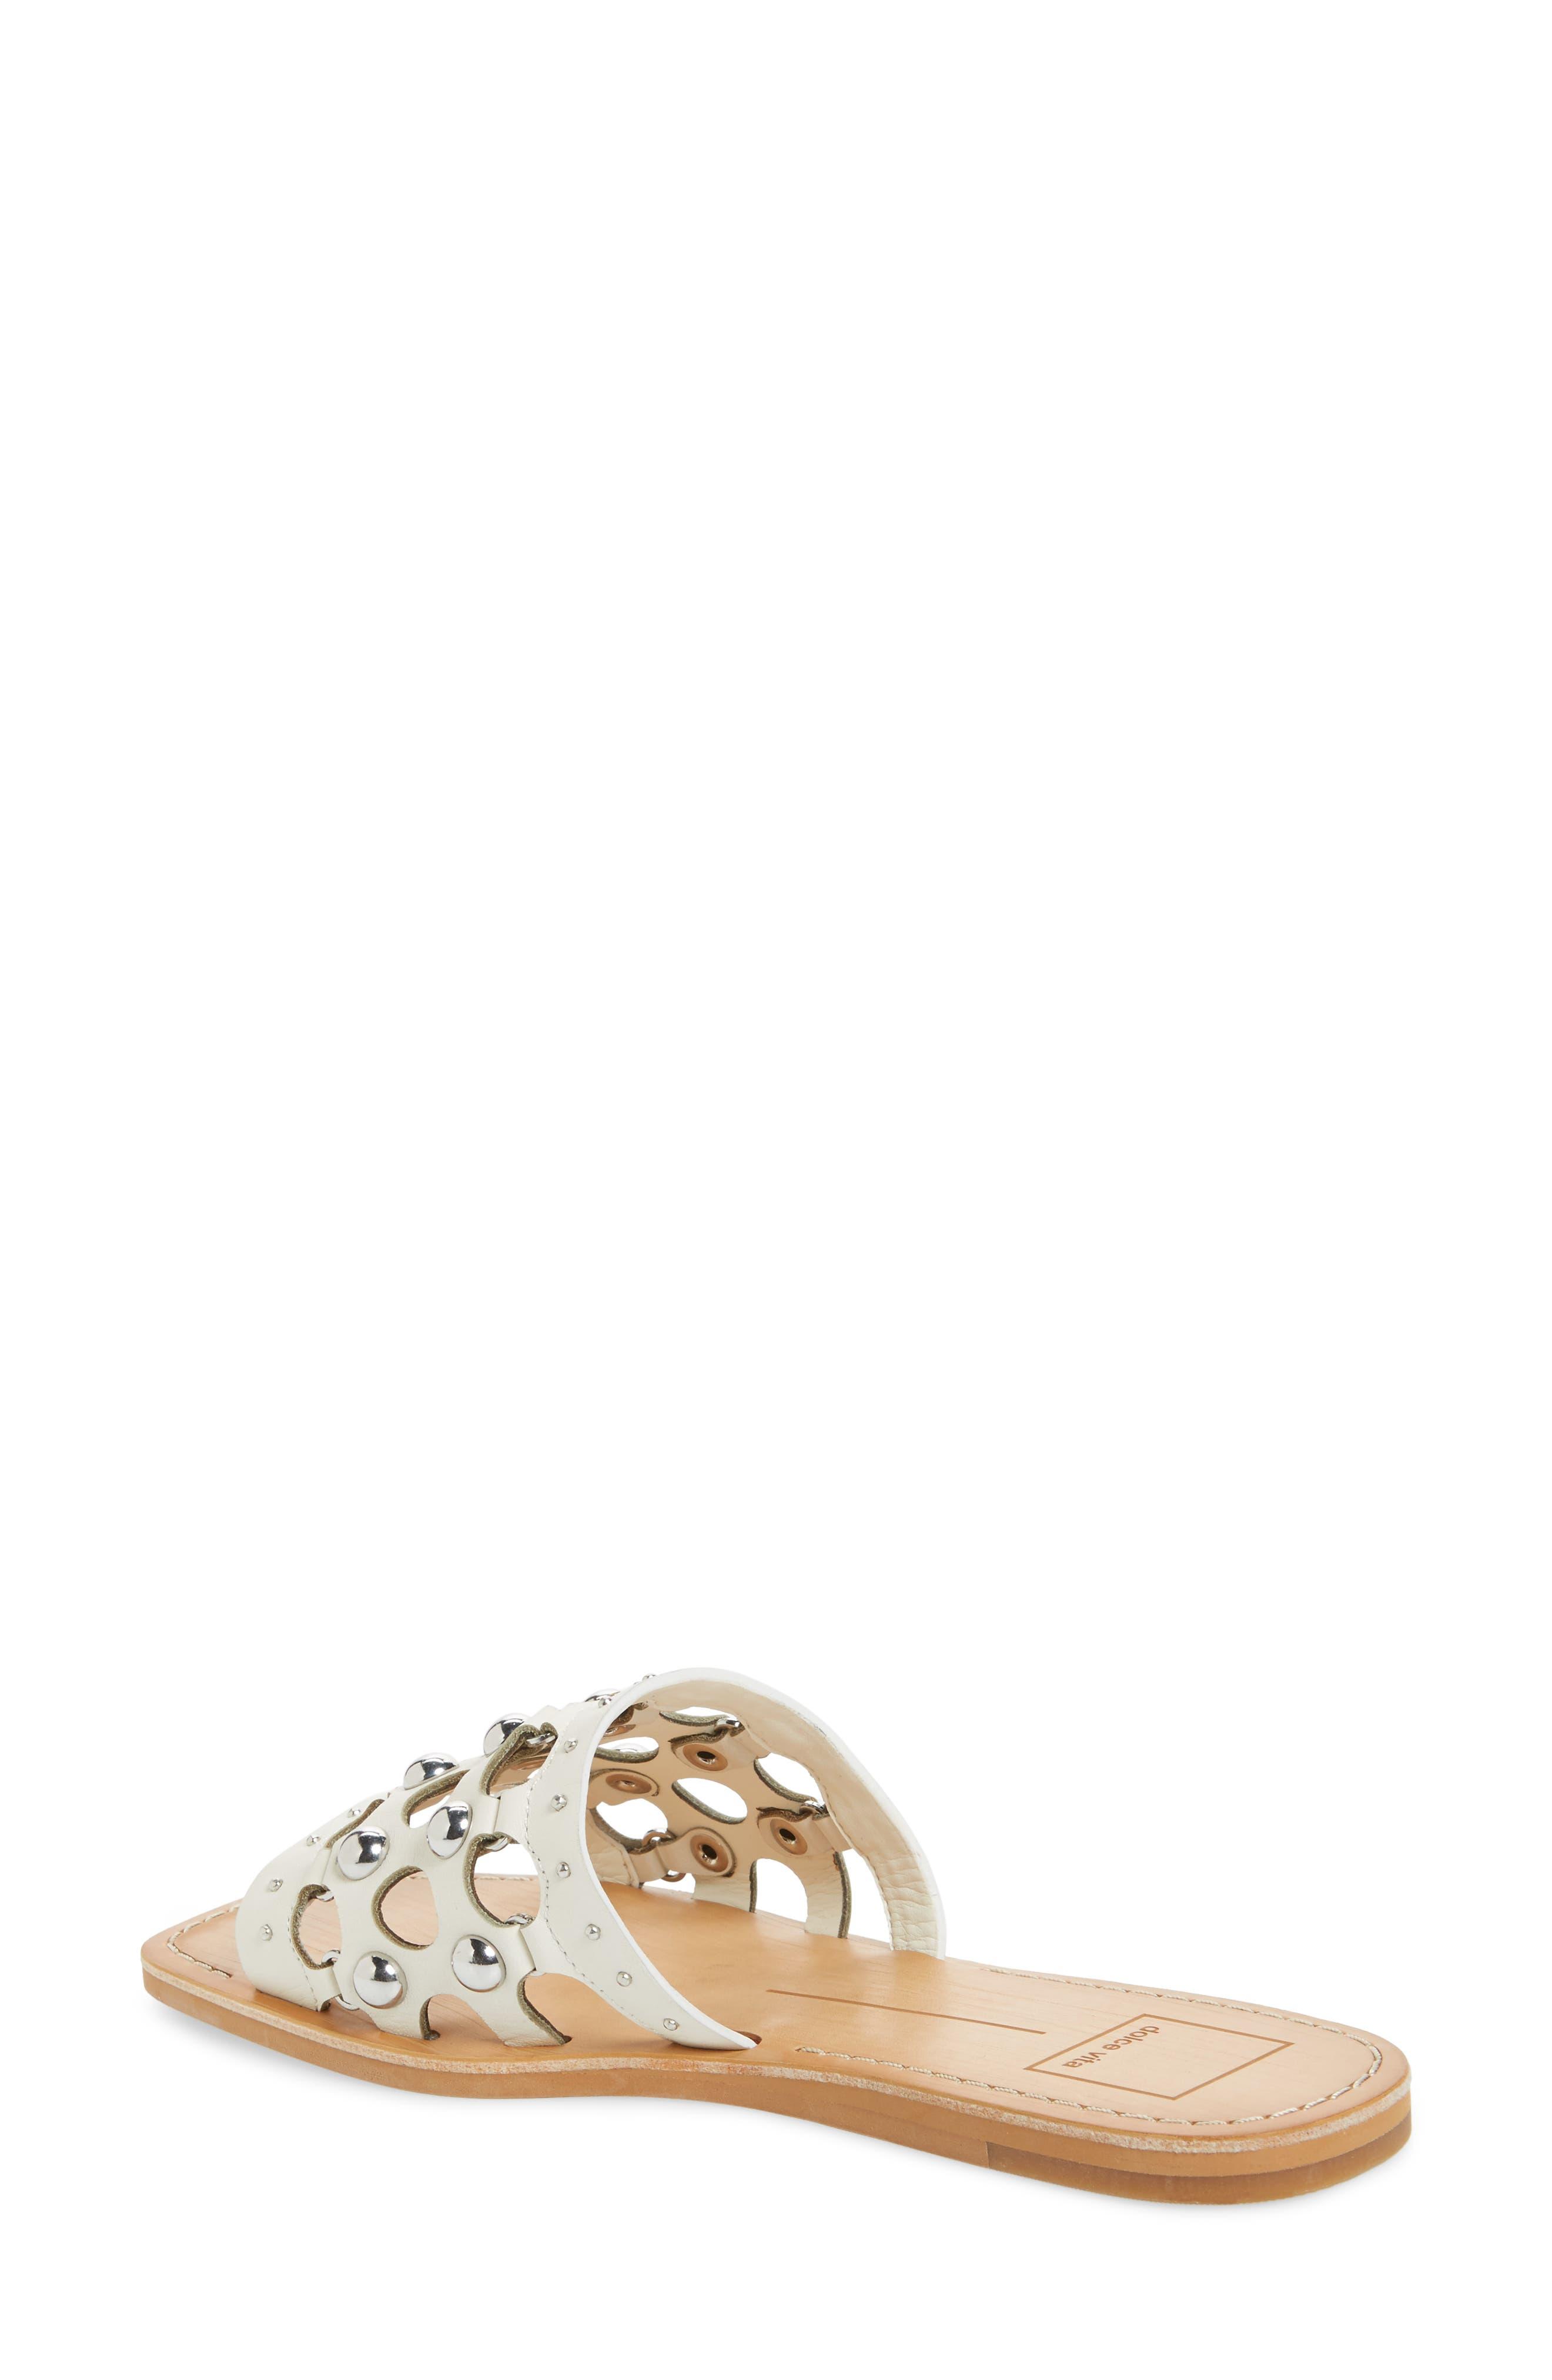 Alternate Image 2  - Dolce Vita Celita Perforated Studded Slide Sandal (Women)